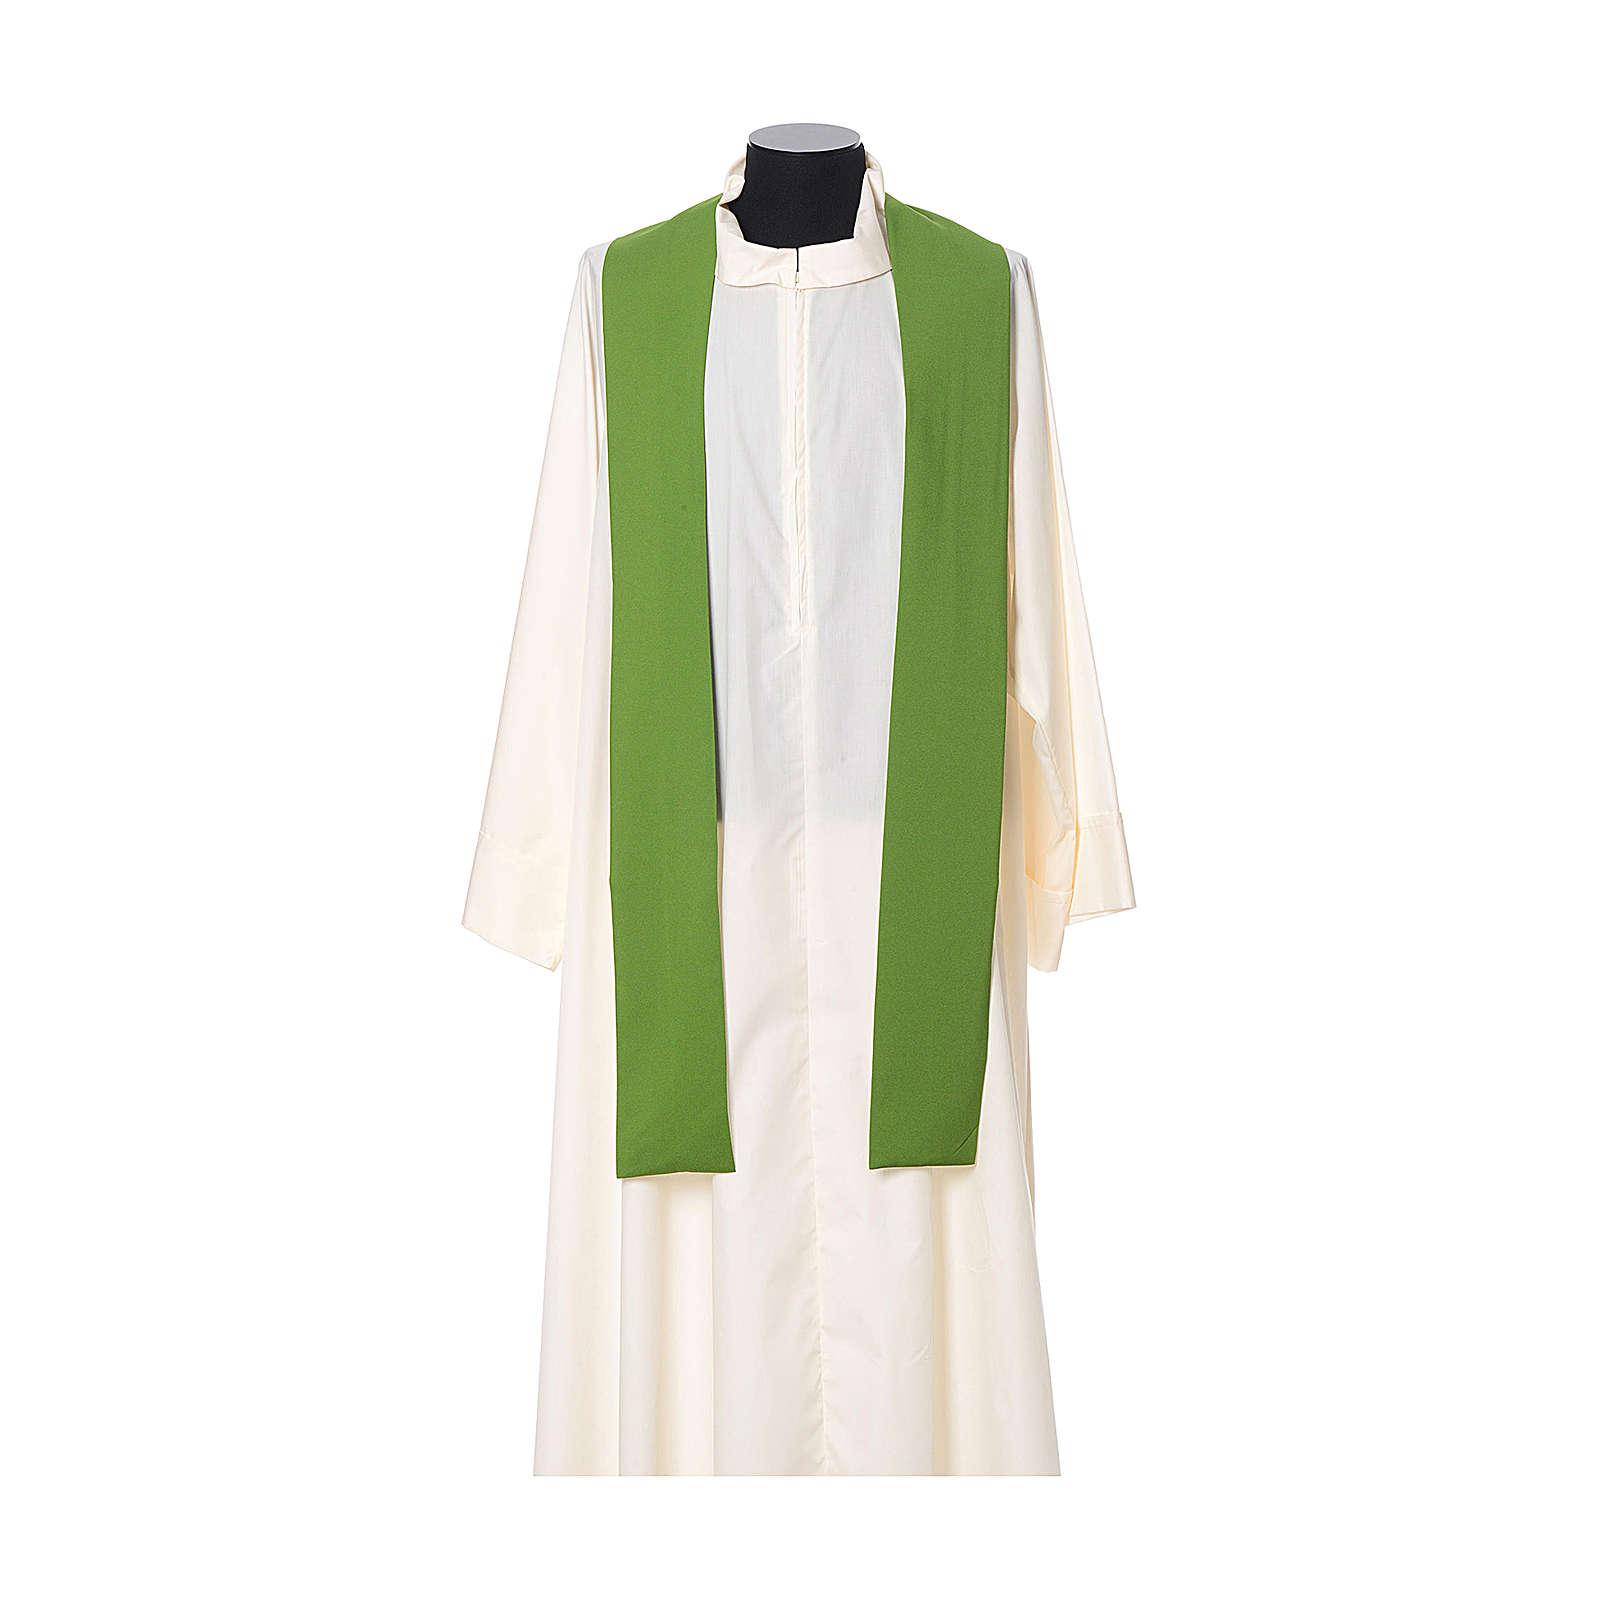 Casula tessuto super leggero Vatican poliestere ricamo croce davanti dietro 4